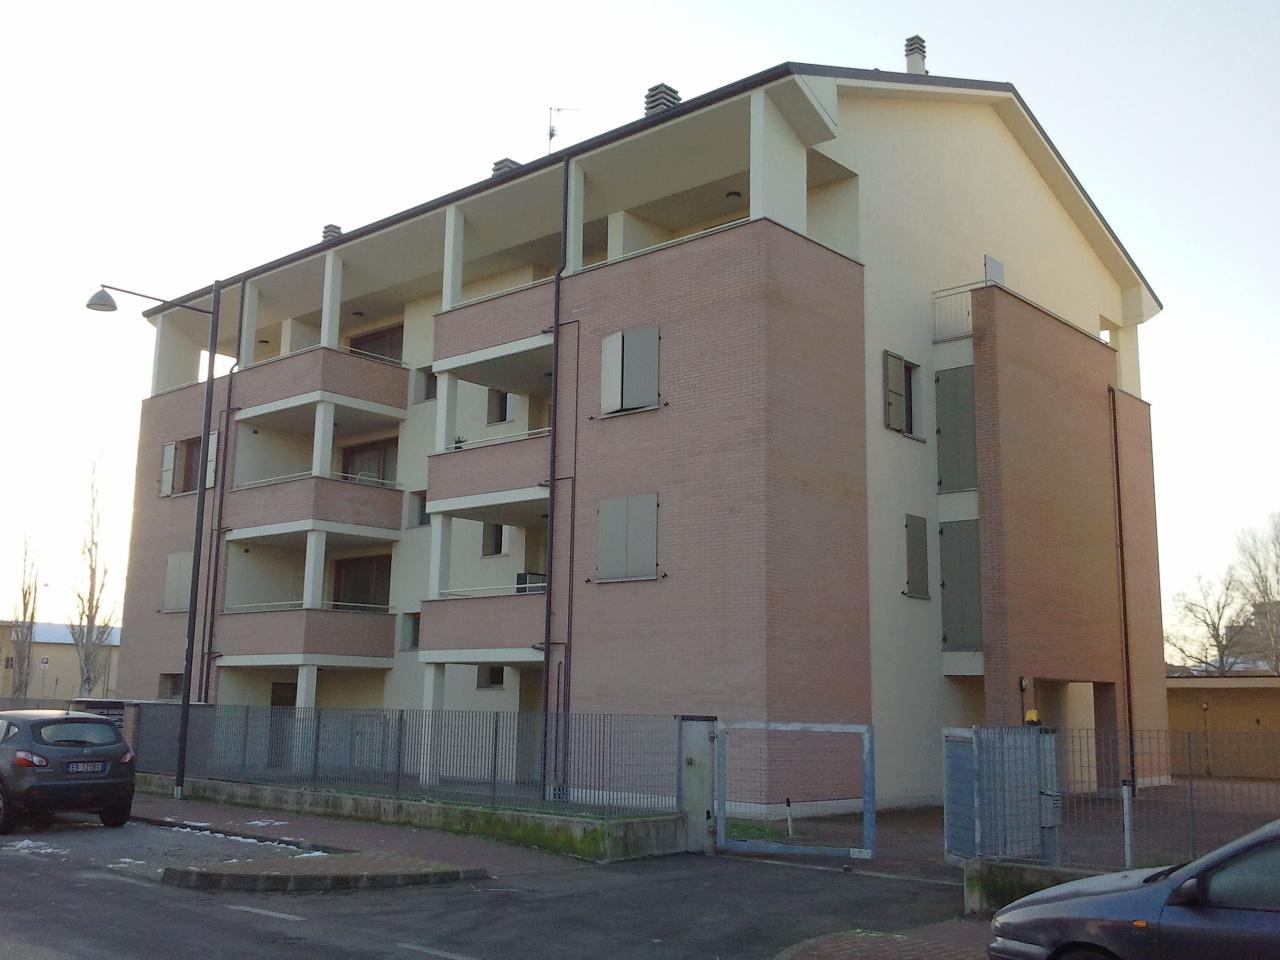 Appartamento in vendita a Sorbolo, 3 locali, prezzo € 261.580 | Cambio Casa.it